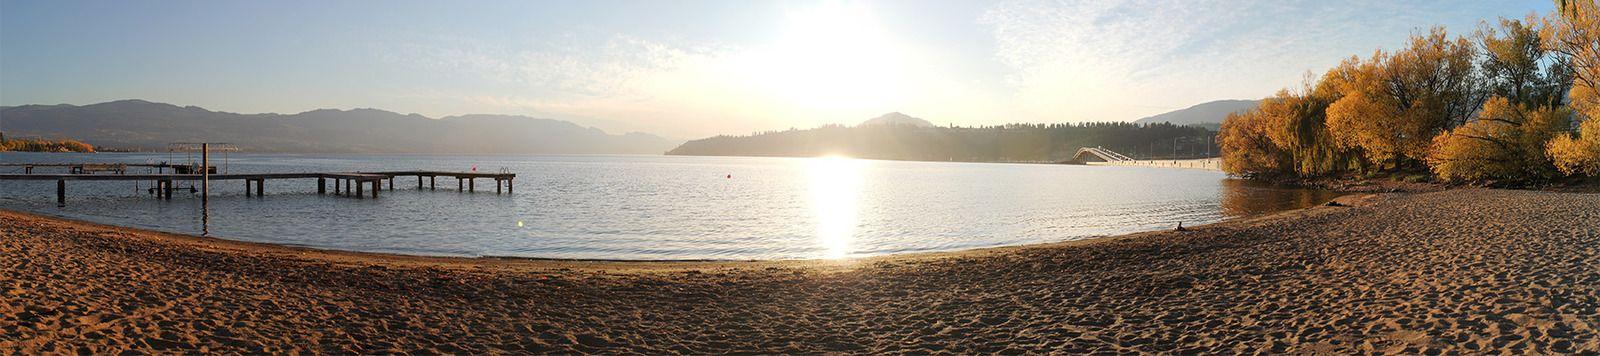 jh-banner-beach